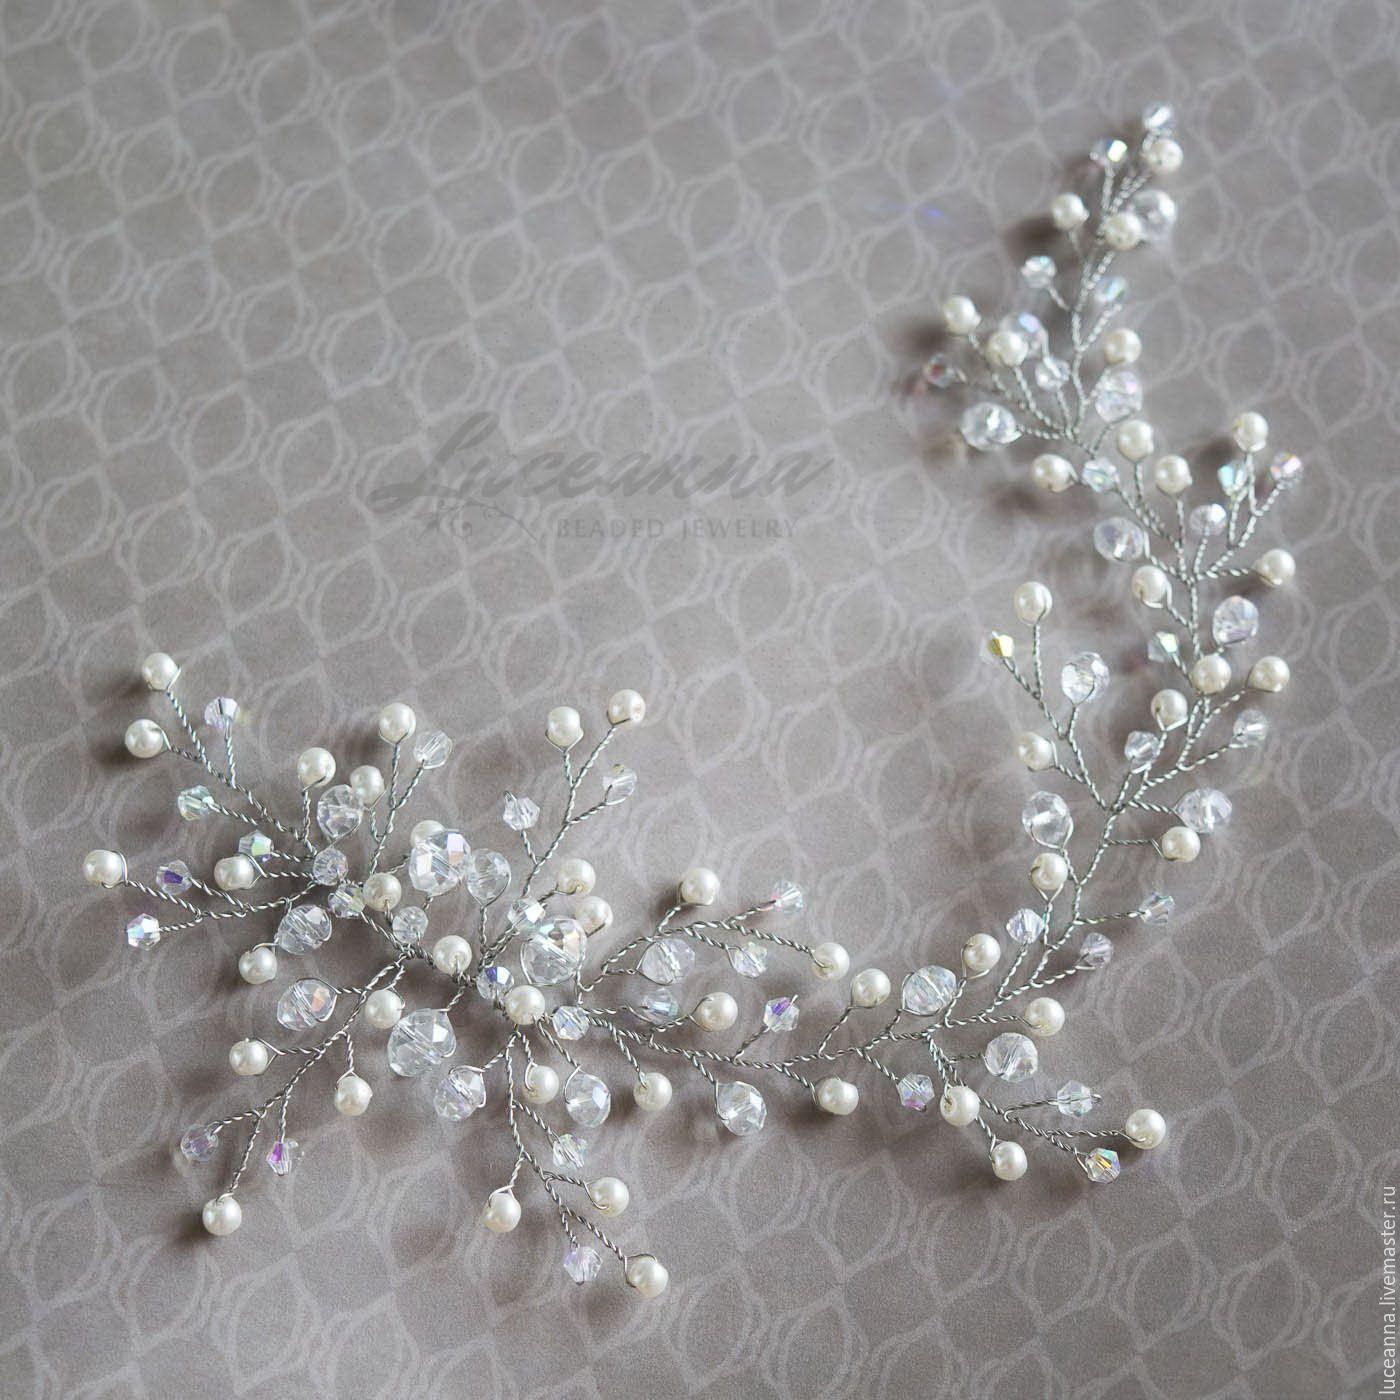 bba2e9209521 Купить Свадебное украшение для прически невесты жемчужно-кристальное ...